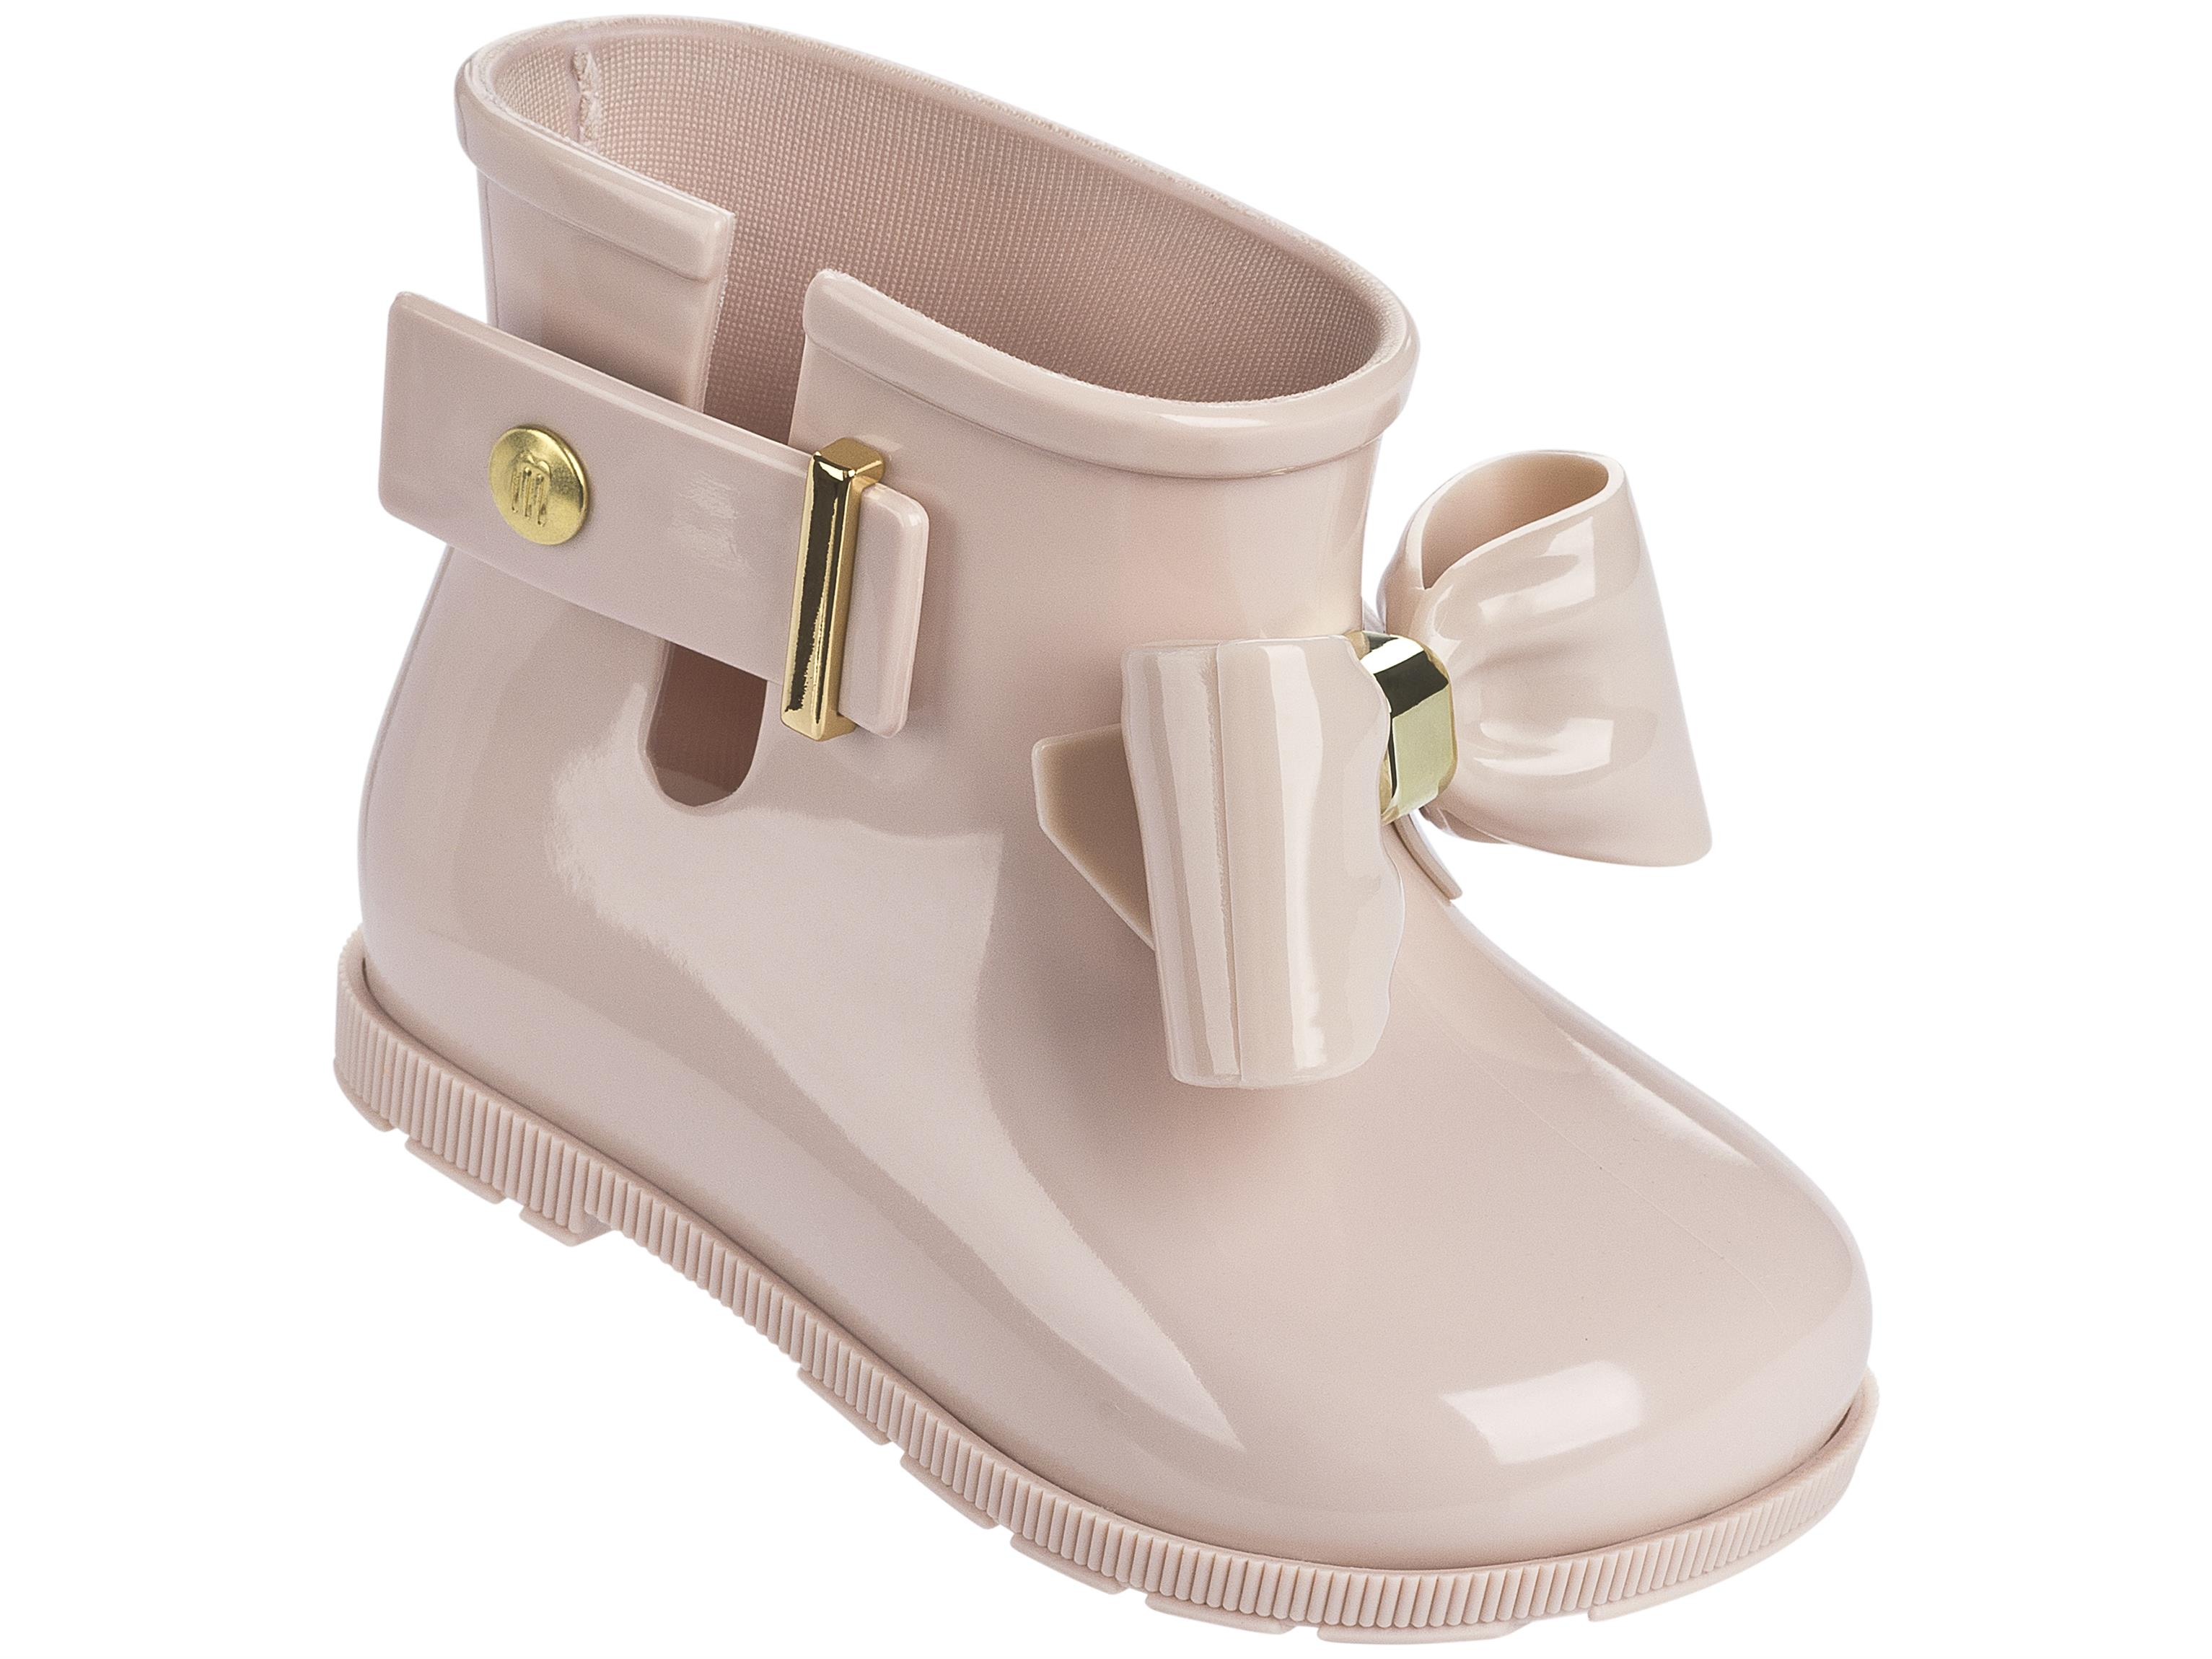 Růžové dětské kotníkové boty Melissa Sugar Rain Bow Light Pink Velikost: 27